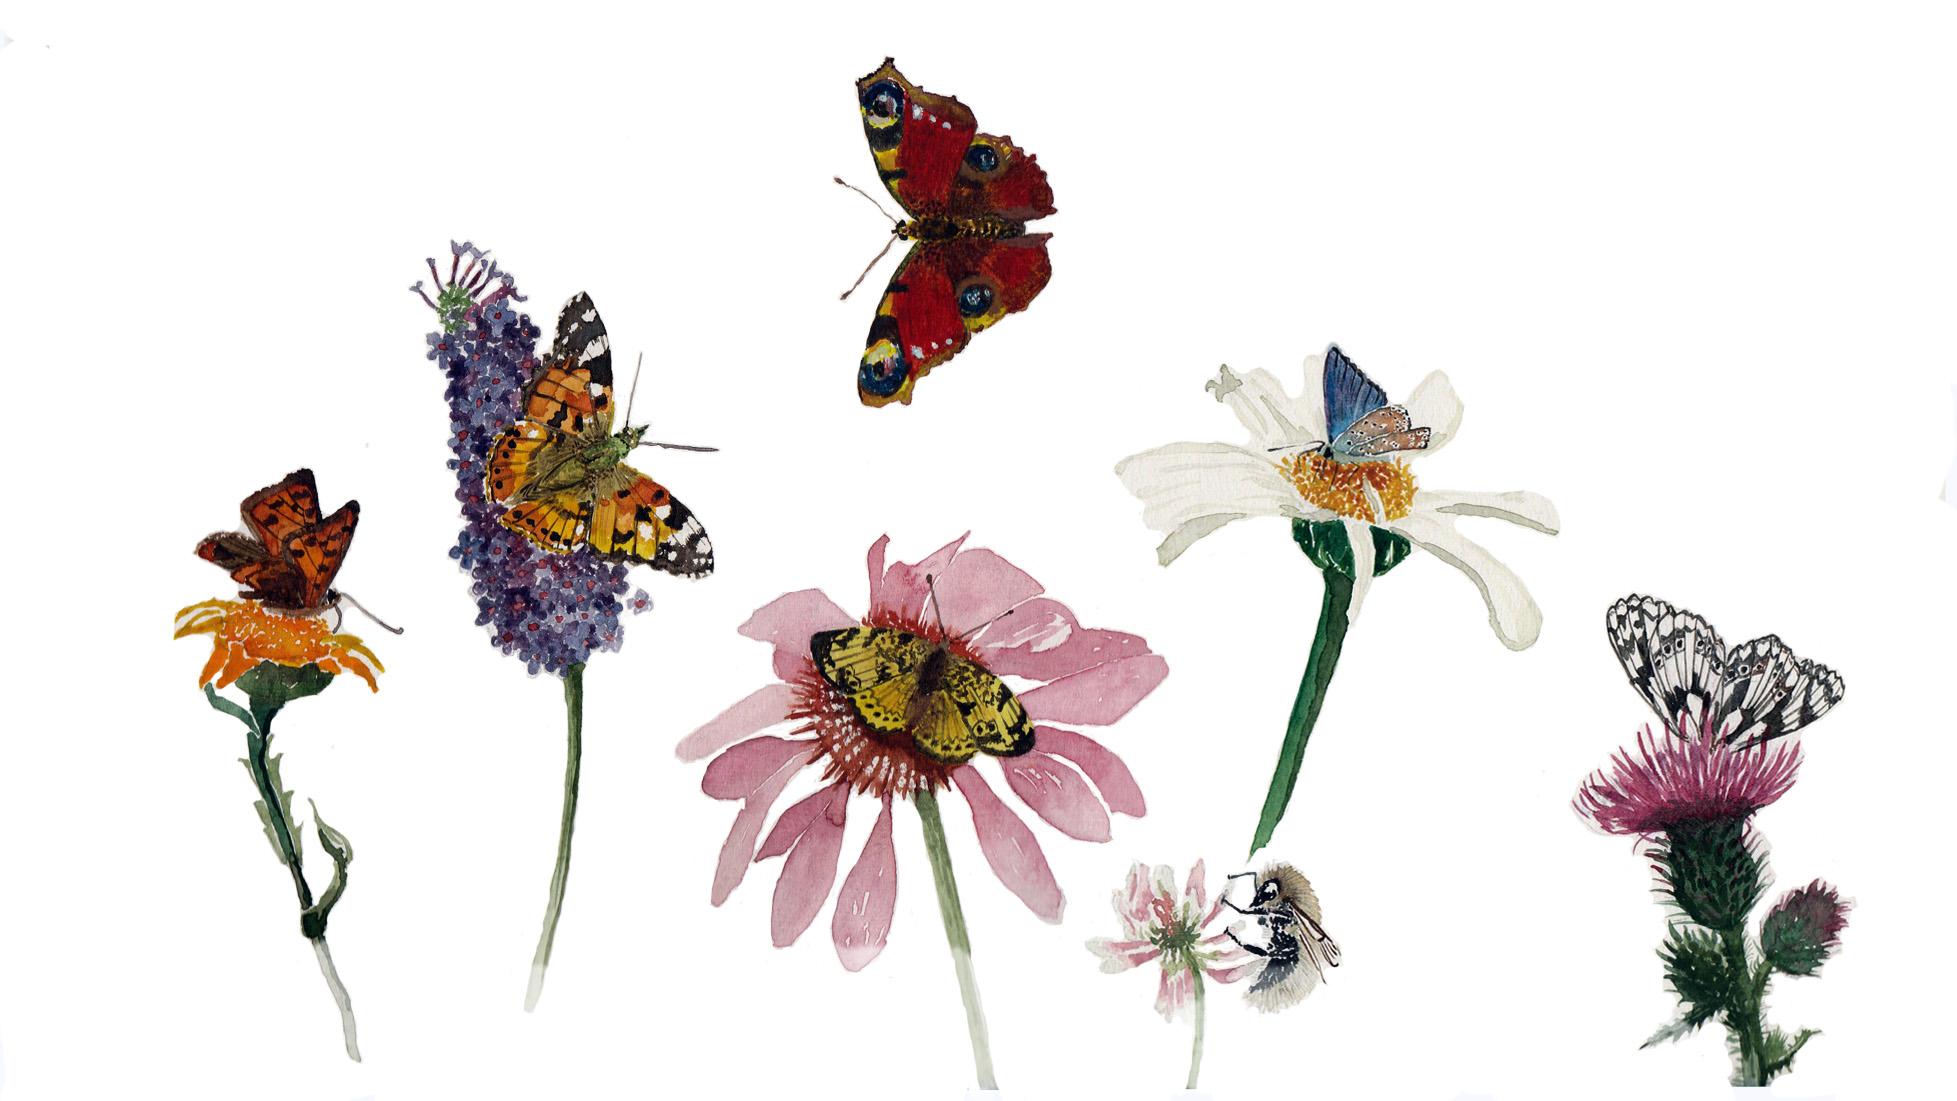 Butterflies-Natalie Taylor-updated